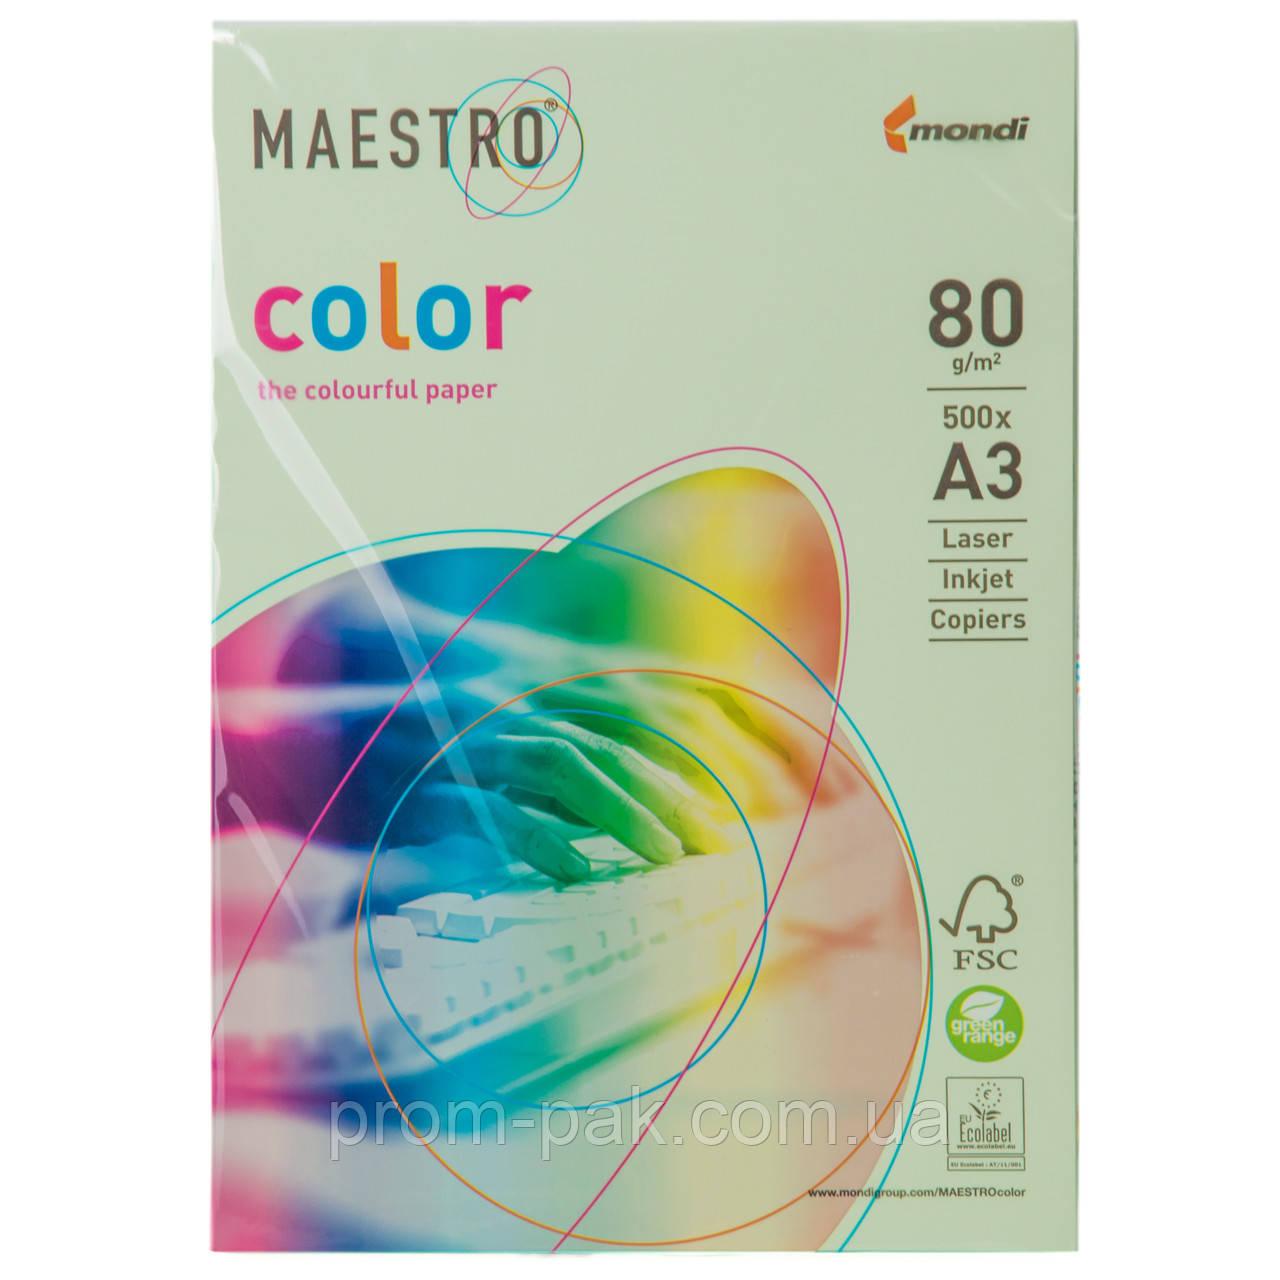 Цветная бумага Маэстро А3 г/м² 80 пастель светло - зеленый